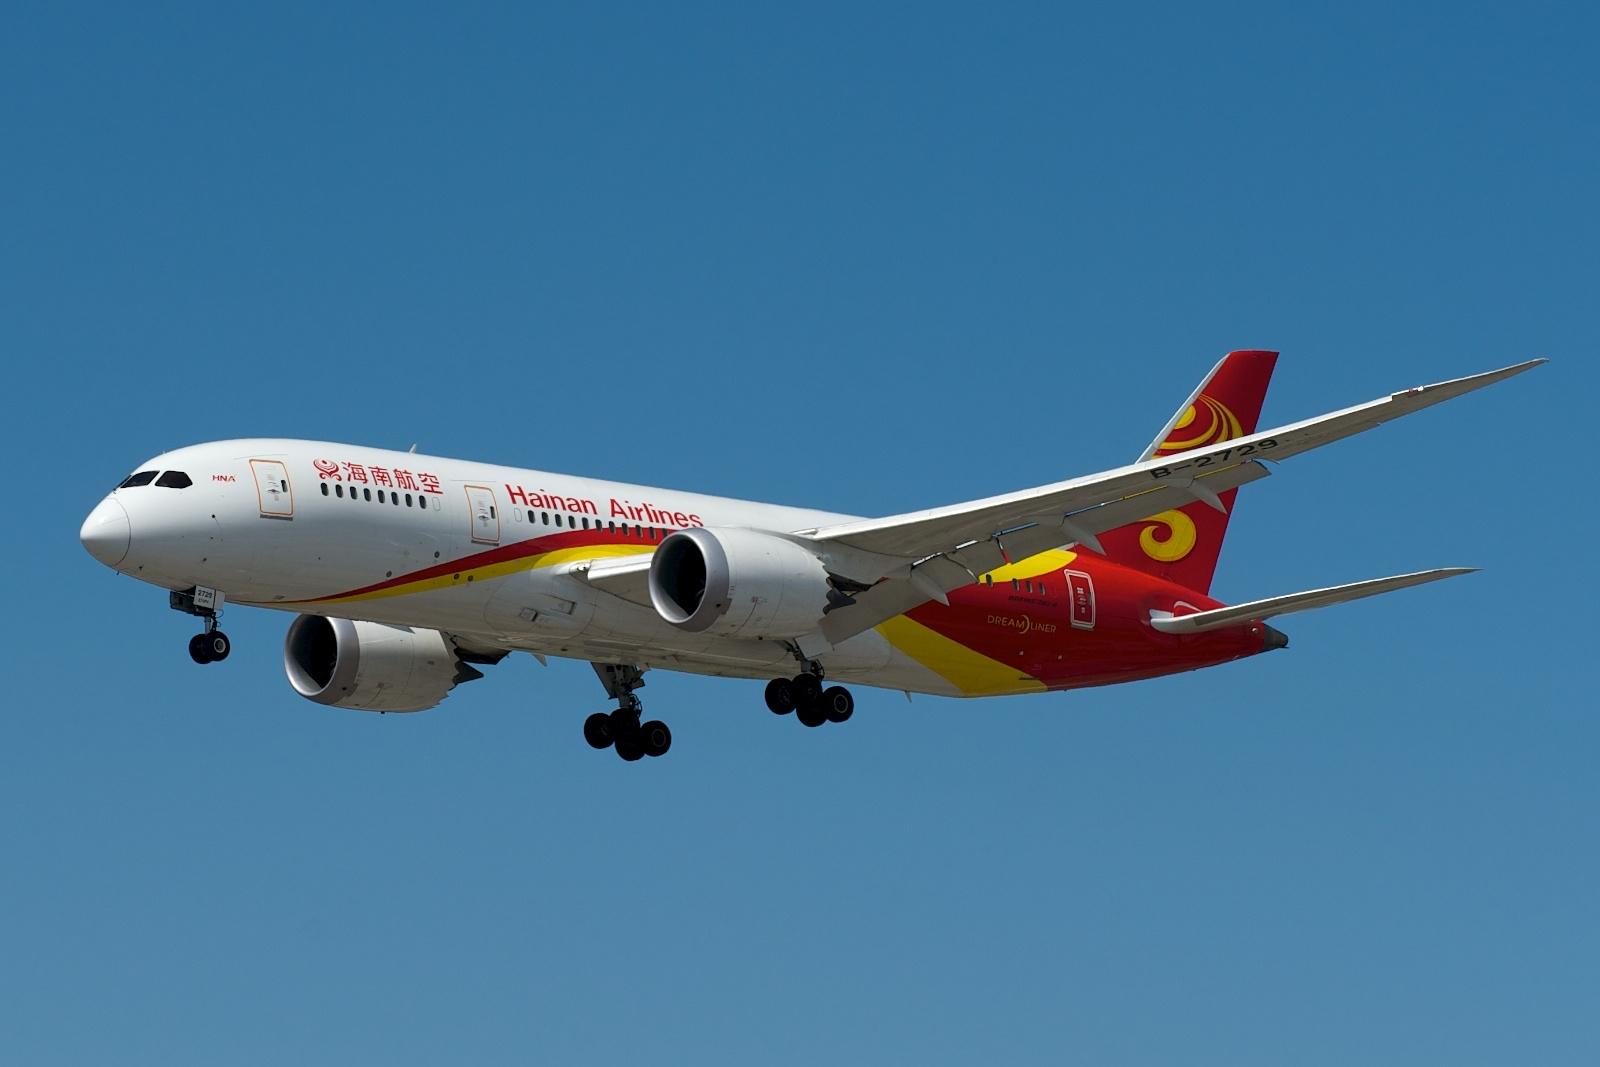 海南航空宣布开放手机使用:坐飞机爽了